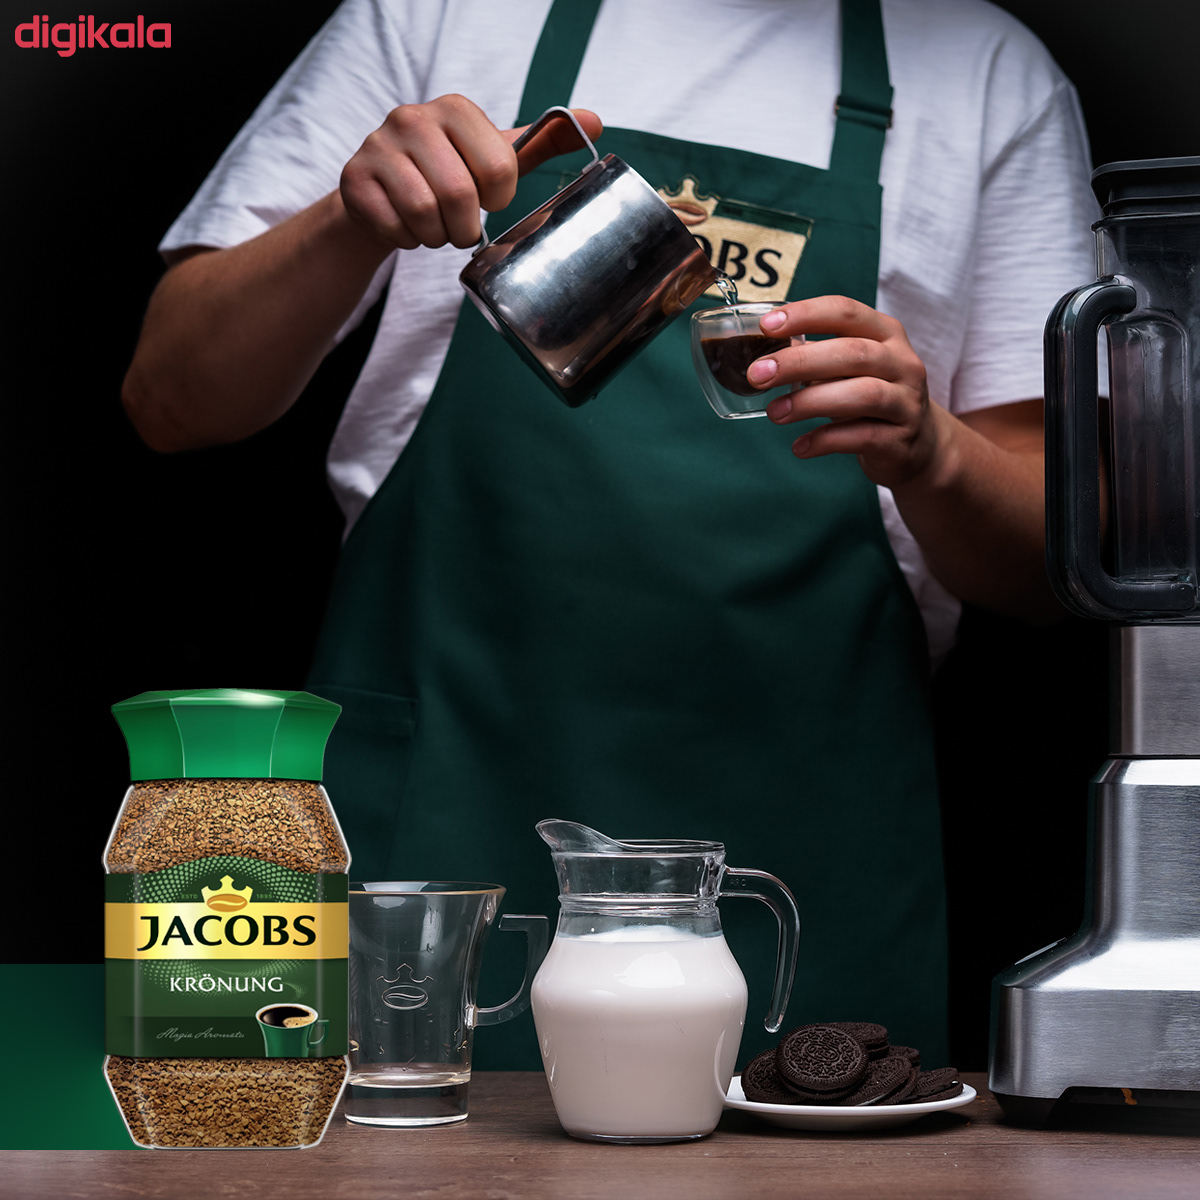 قهوه فوری جاکوبز کرونانگ 200 گرم main 1 1